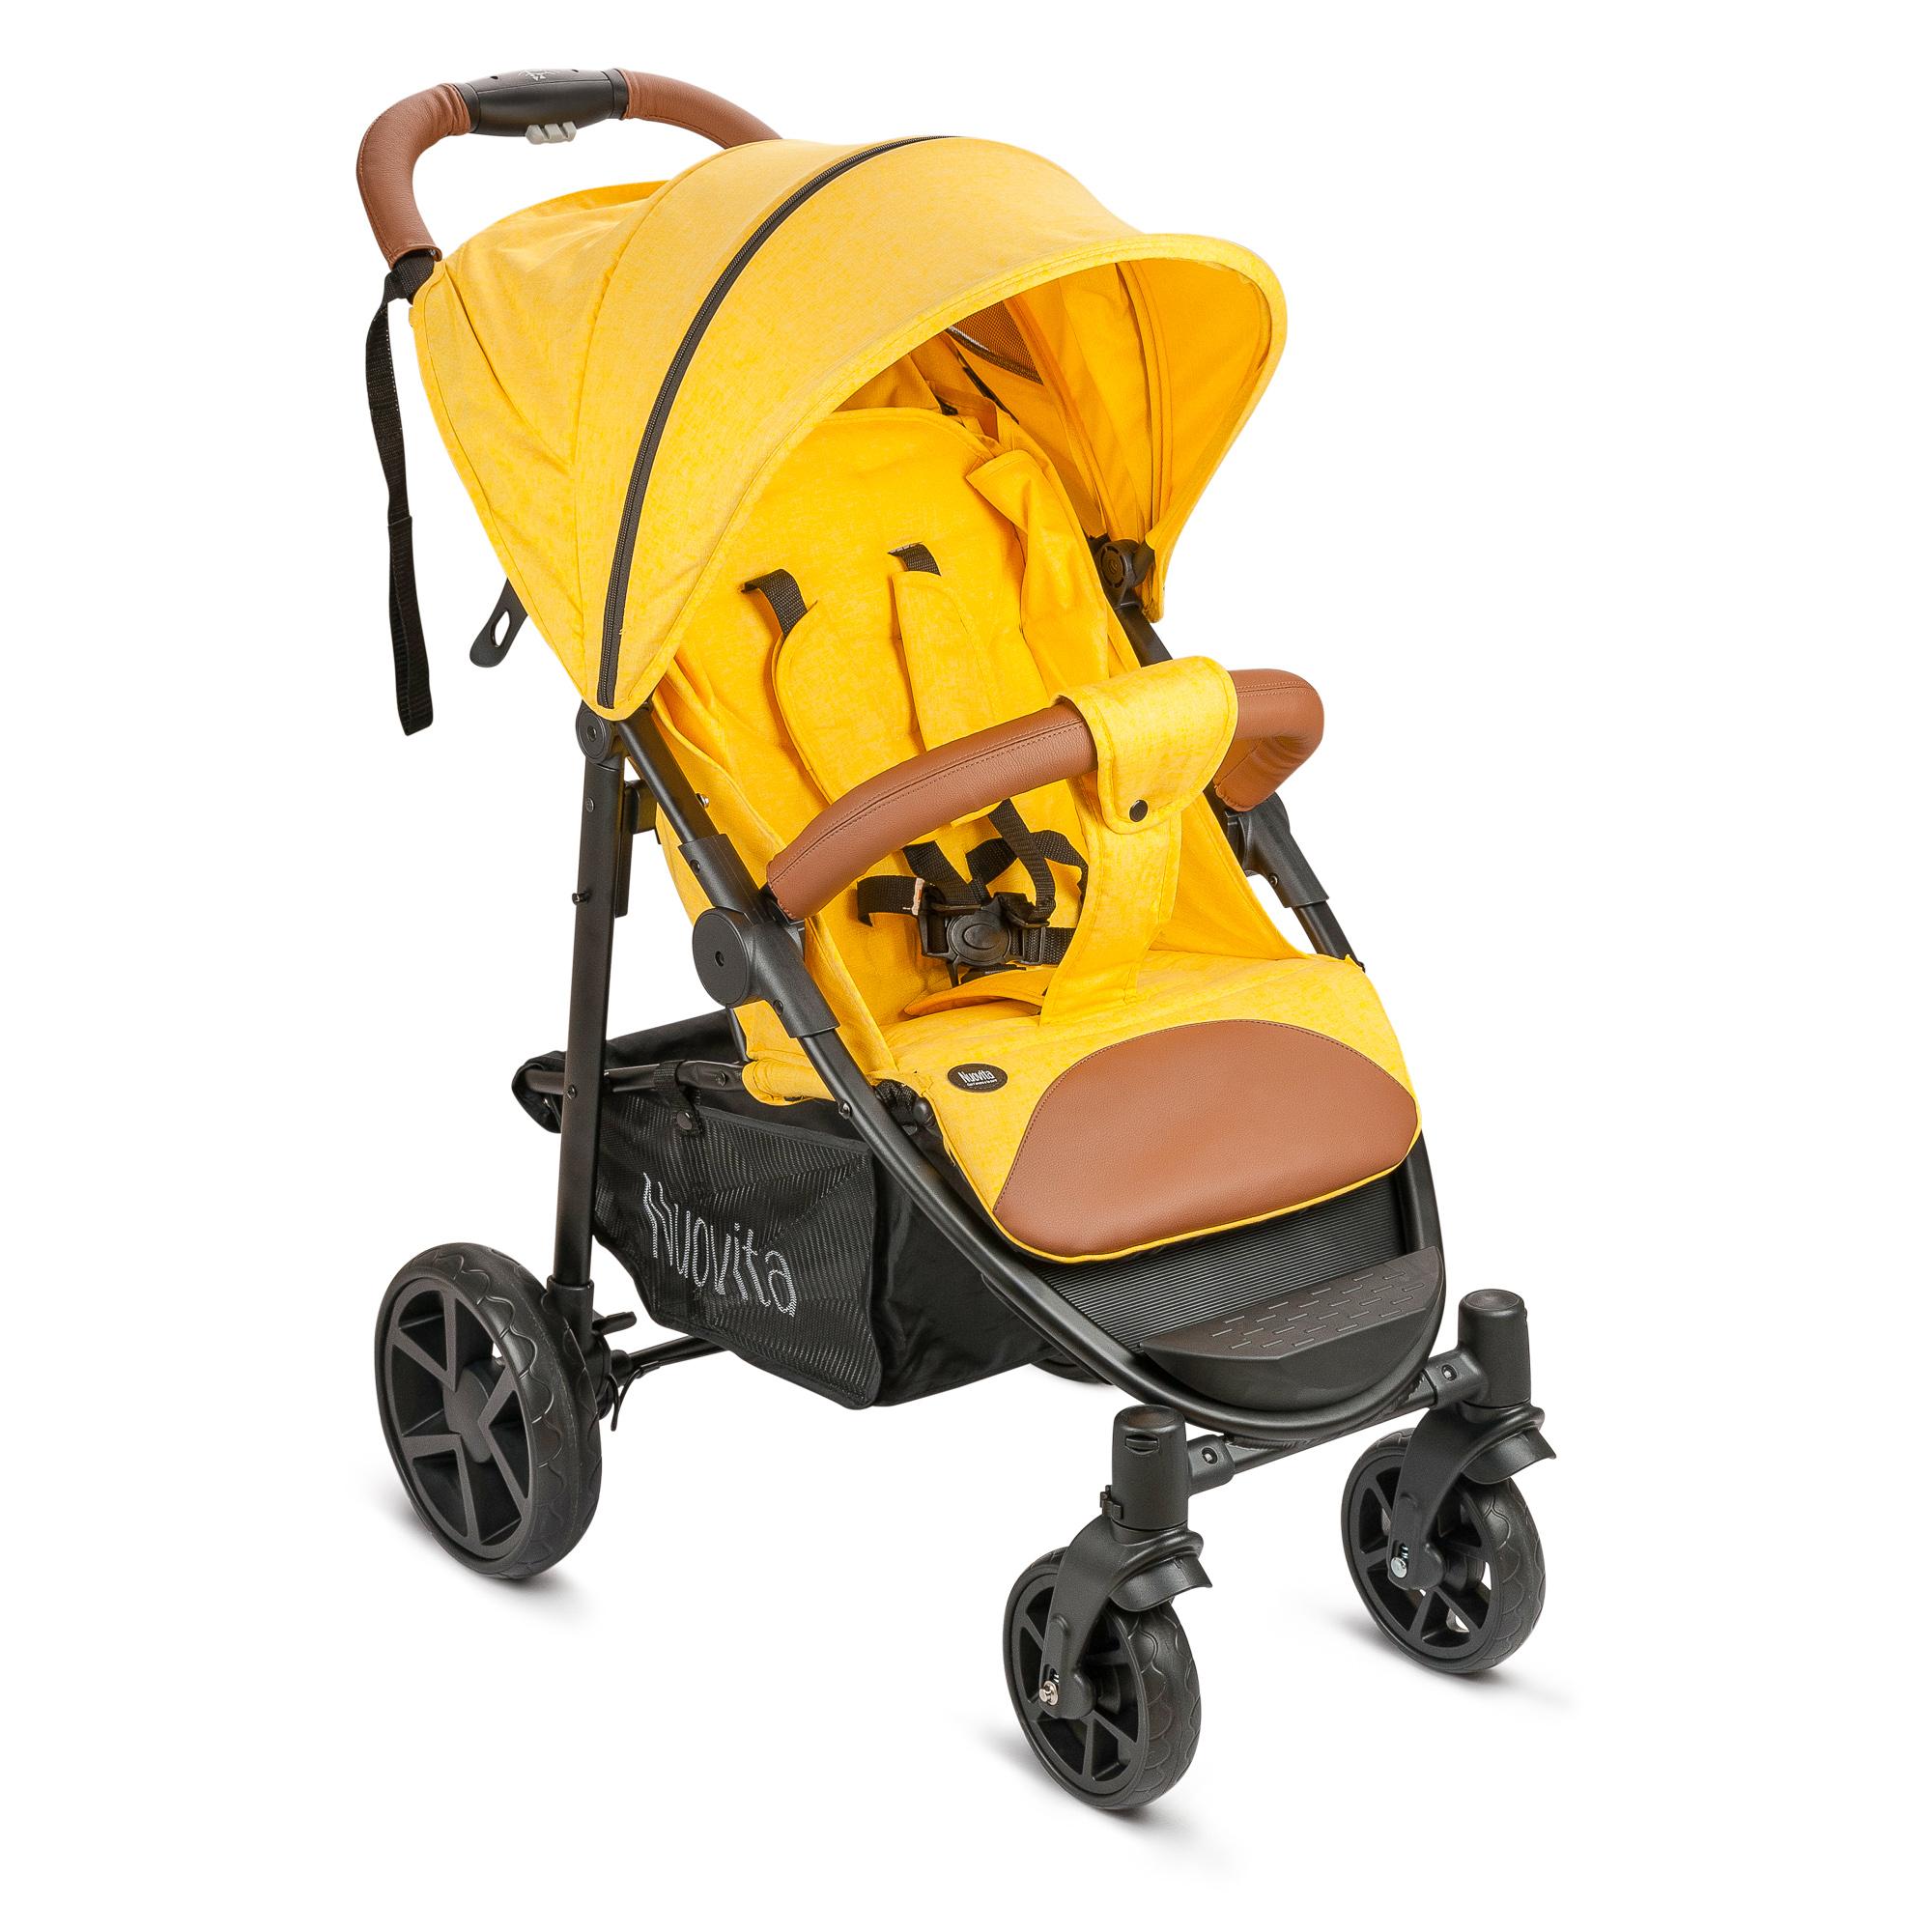 Коляска прогулочная Nuovita CorsoNUO_M2618_732Коляска Nuovita Corso создана для комфортных прогулок и путешествий с ребёнком, достигшим шестимесячного возраста. Максимальный вес малыша, которого рекомендуется перевозить в данной коляске, составляет 15 кг. Модель Nuovita Corso относится к разновидности колясок - «книжек», имея при этом усовершенствованный способ раскладки: в считанные секунды данную модель можно разложить и сложить при помощи одной руки благодаря наличию кнопки, находящейся на ручке. При этом конструкция способна стоять вертикально без дополнительного упора. Перемещать сложенную коляску можно, удерживая за ручку наподобие дорожного чемодана. Небольшие размеры и вес 8,3 кг позволяют перевозить сложенную коляску в автомобиле, сдавать в багаж во время путешествий, и даже заносить в дверь трамвая. Материалом для колёс служит вспененная резина, в связи с чем коляска Nuovita Corso показывает хорошую проходимость как по снежной дороге, так и по осенне-весенней распутице, а также прекрасно переносит трансформации. Передние колёса являются полноповоротными, это значительно облегчает управление коляской. Функция блокировки передних колёс, которая заложена в конструкции, удобна при передвижении по снегу и грязи. Уменьшенный размер передних колес удобен при преодолении бордюров и подъёме по ступенькам, в то время как высокие задние колёса обеспечивают комфортный уровень расположения сиденья. Ширина задней колесной базы составляет 57 см, передняя колесная база имеет ширину 33 см. Благодаря такой конструктивной особенн...